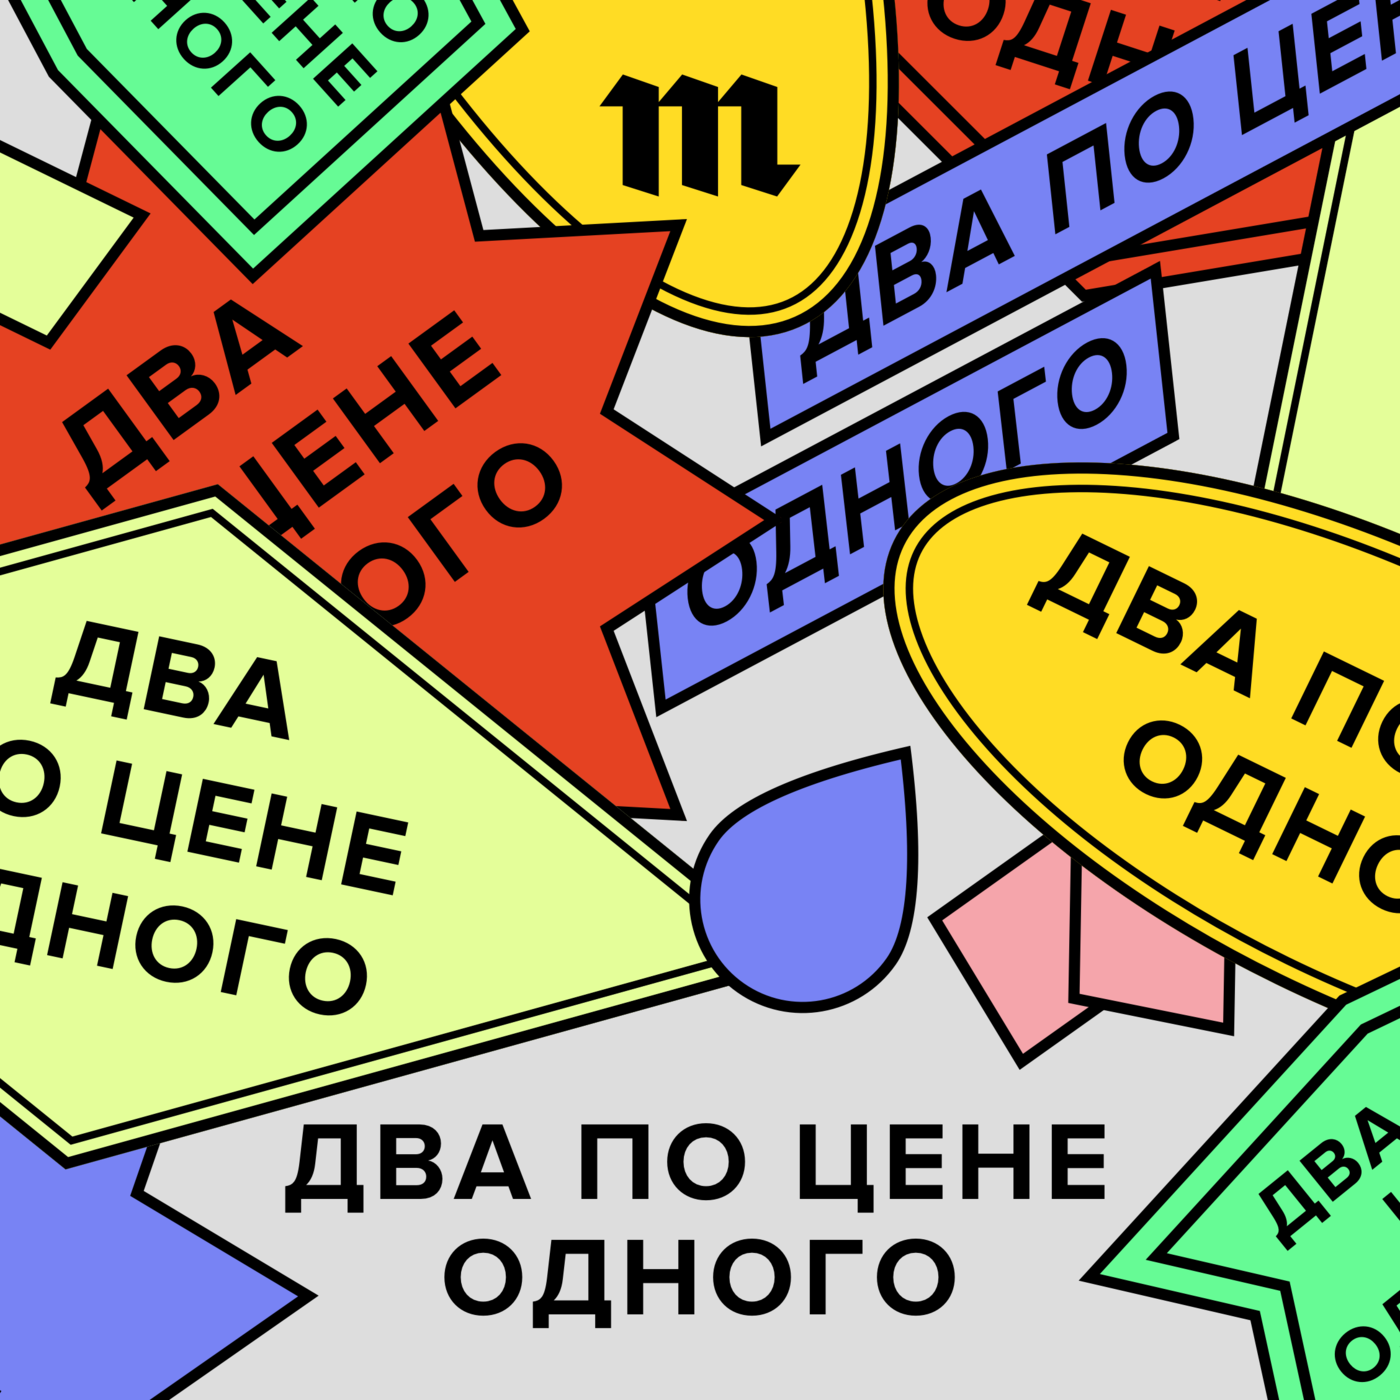 Илья Красильщик Полмиллиона долларов, туалетный график — и зачем на самом деле нужна винная пробка. Как открыть бар и не прогореть цены онлайн